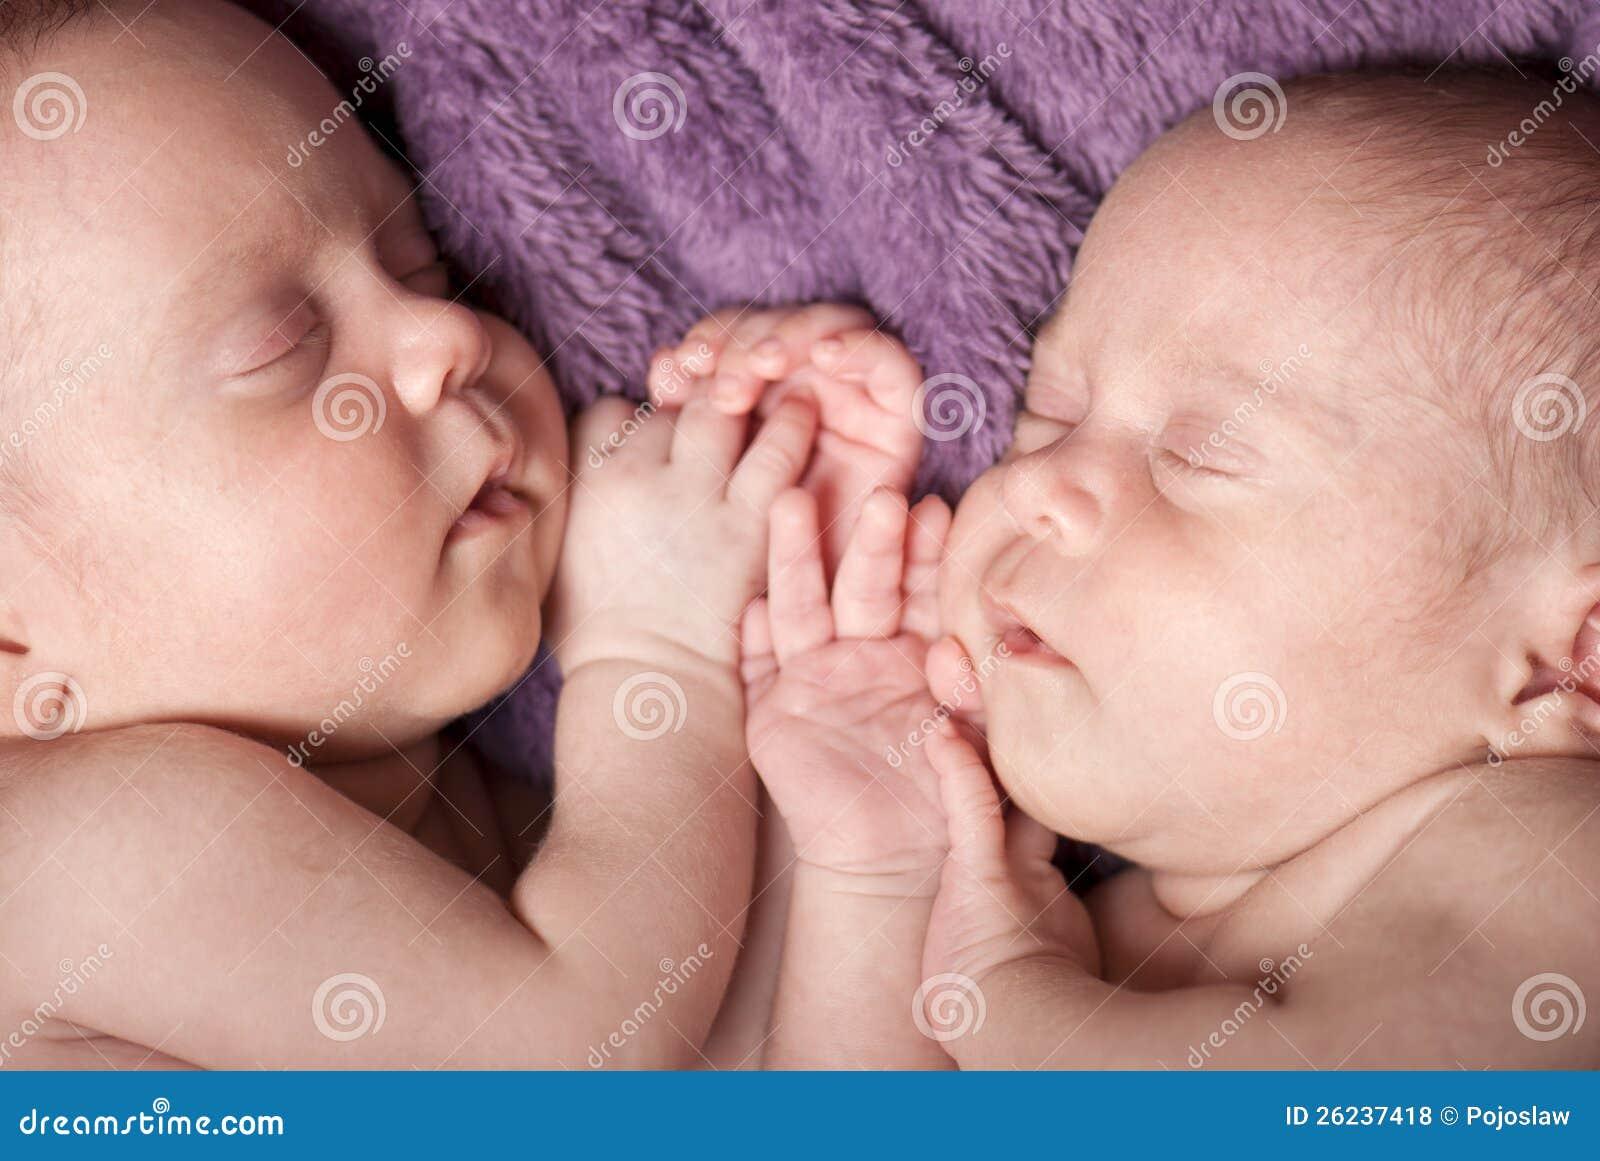 Трах с двойняшками 7 фотография